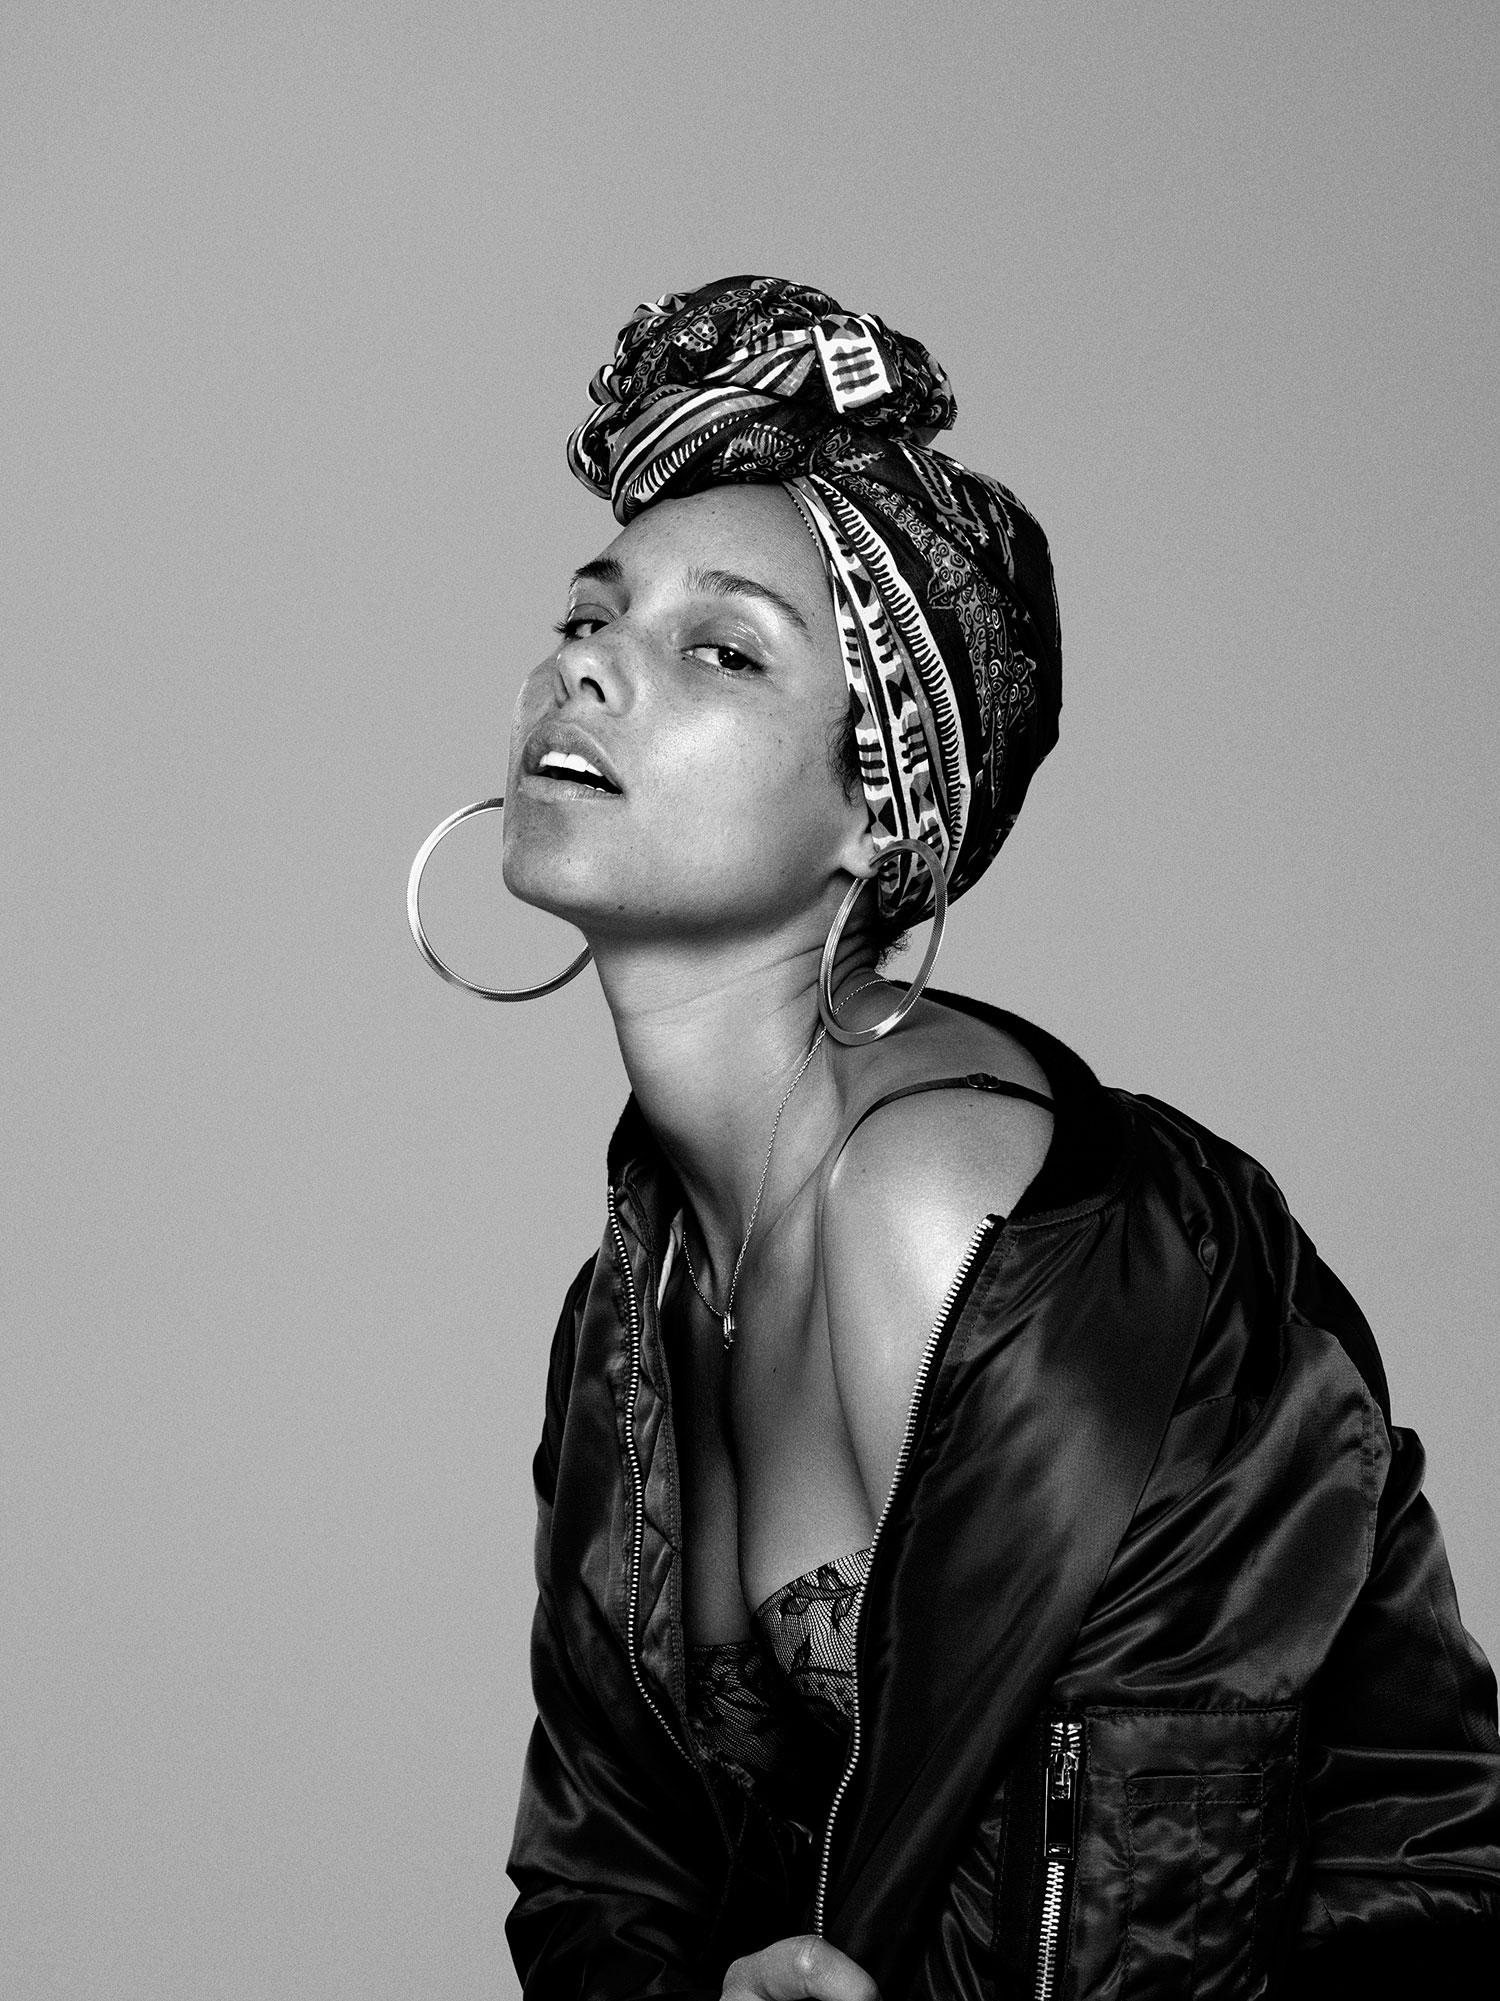 Imagen de Alicia keys músico del género Soul / R&B activo en Los 2000s